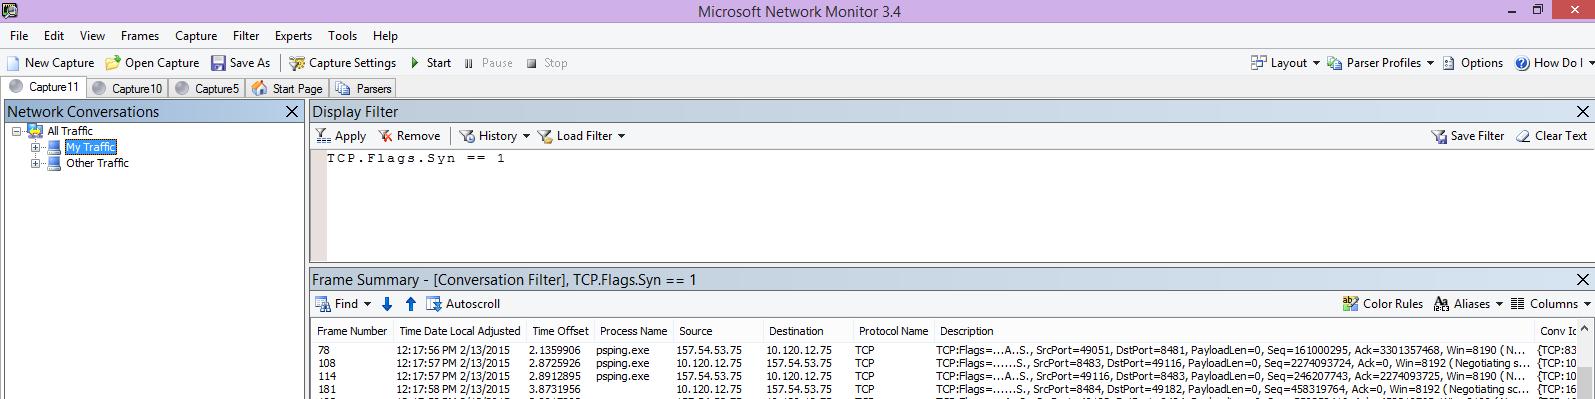 מעקב ב- Netmon מהלקוח המציג את אותה הפקודה PSPing באמצעות המסנן TCP.Flags.Syn == 1.